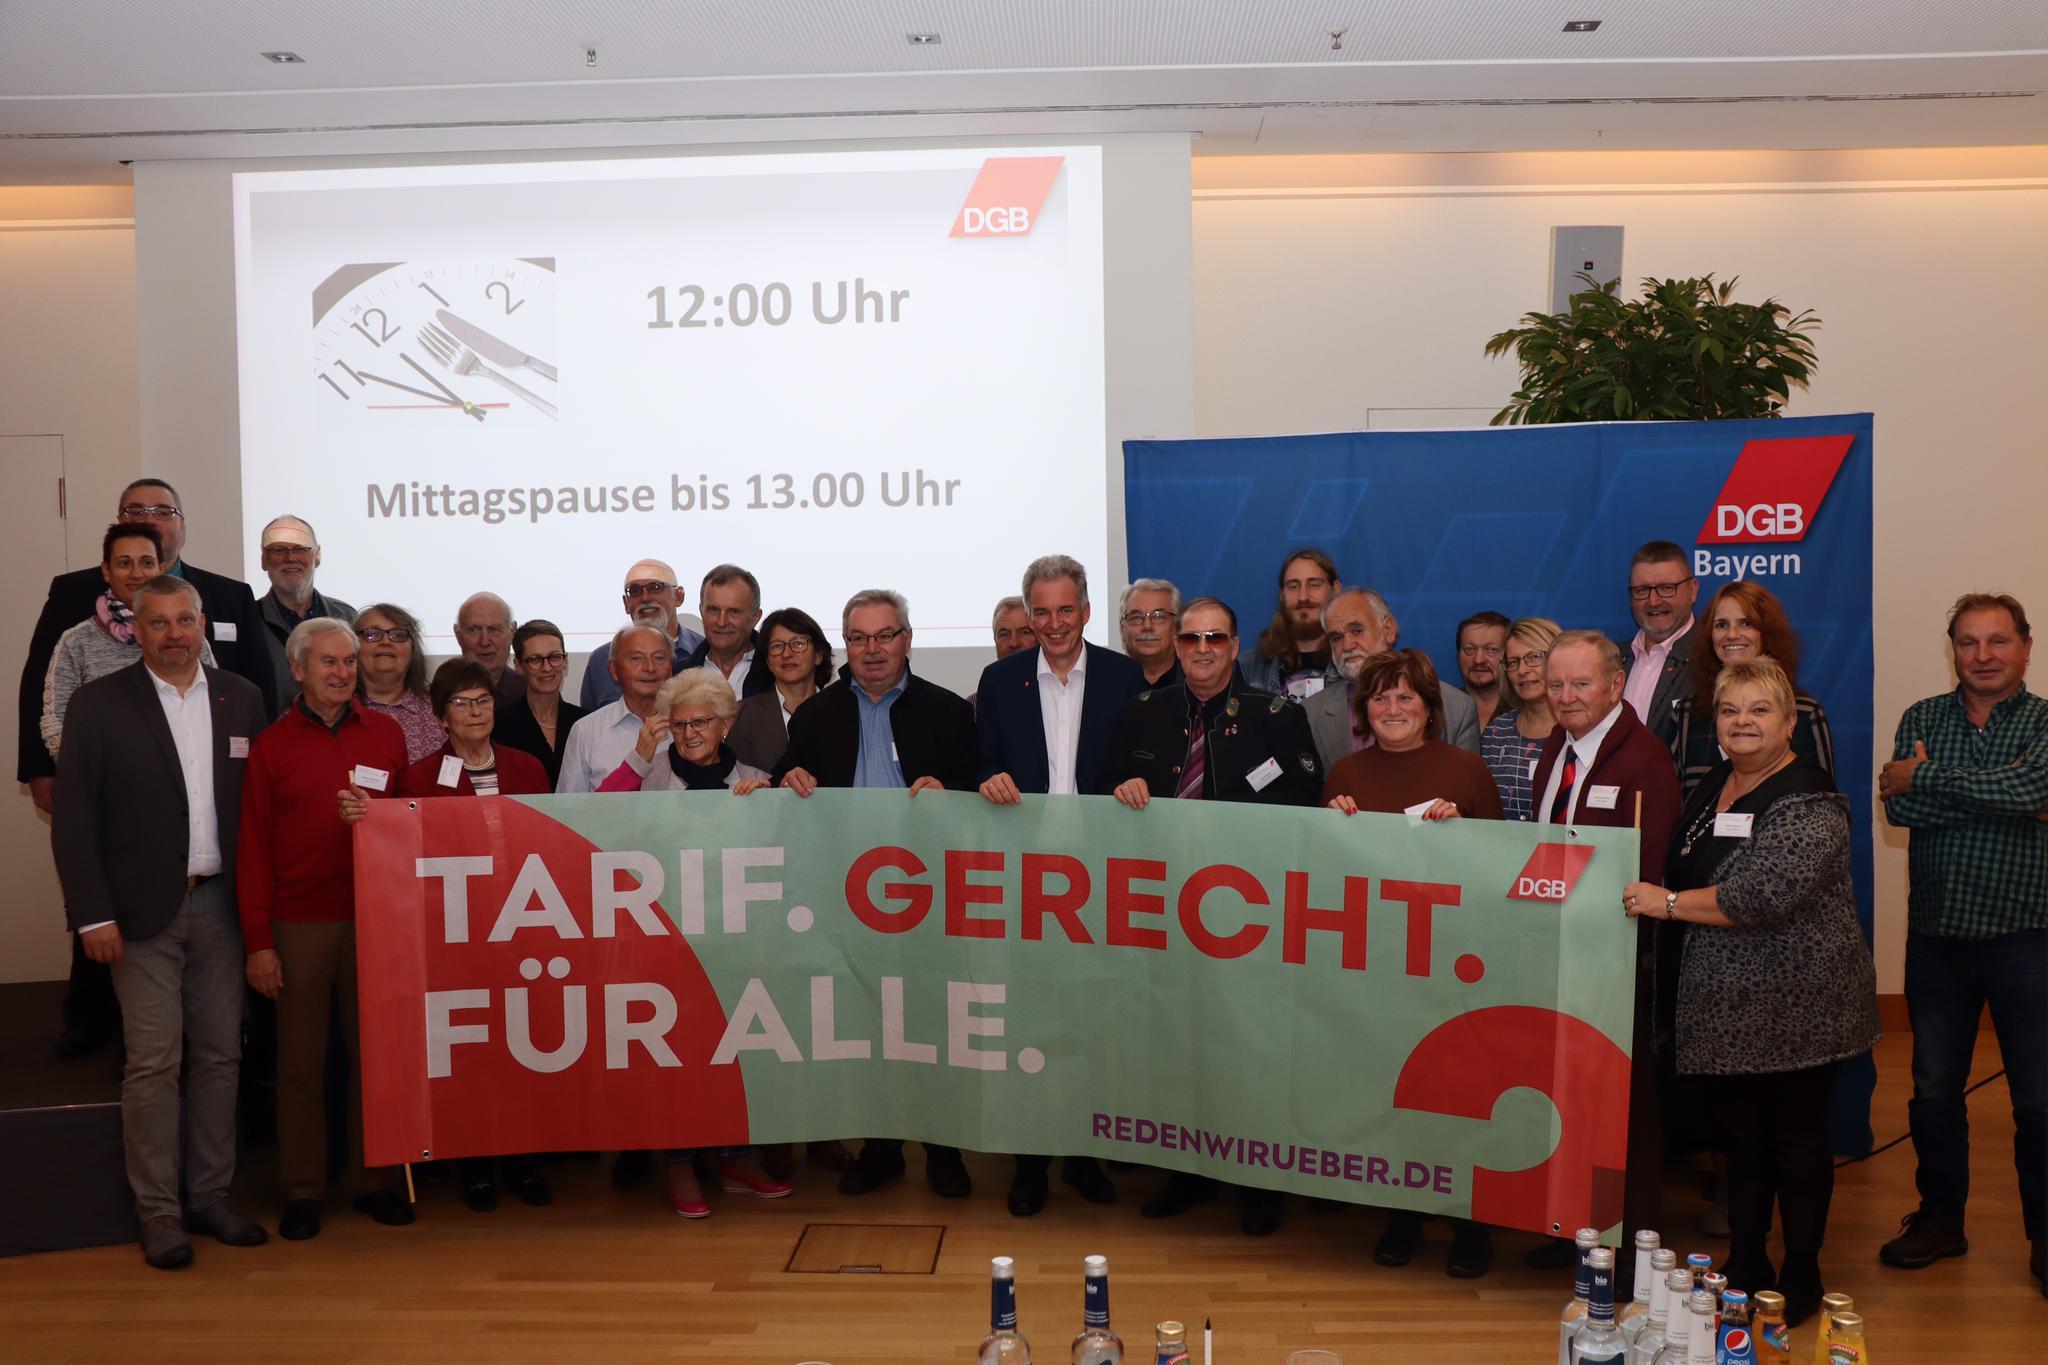 Die Ehrenamtlichen aus der Oberpfalz auf der Ehrenamtskonferenz des DGB Bayern in Nürnberg.